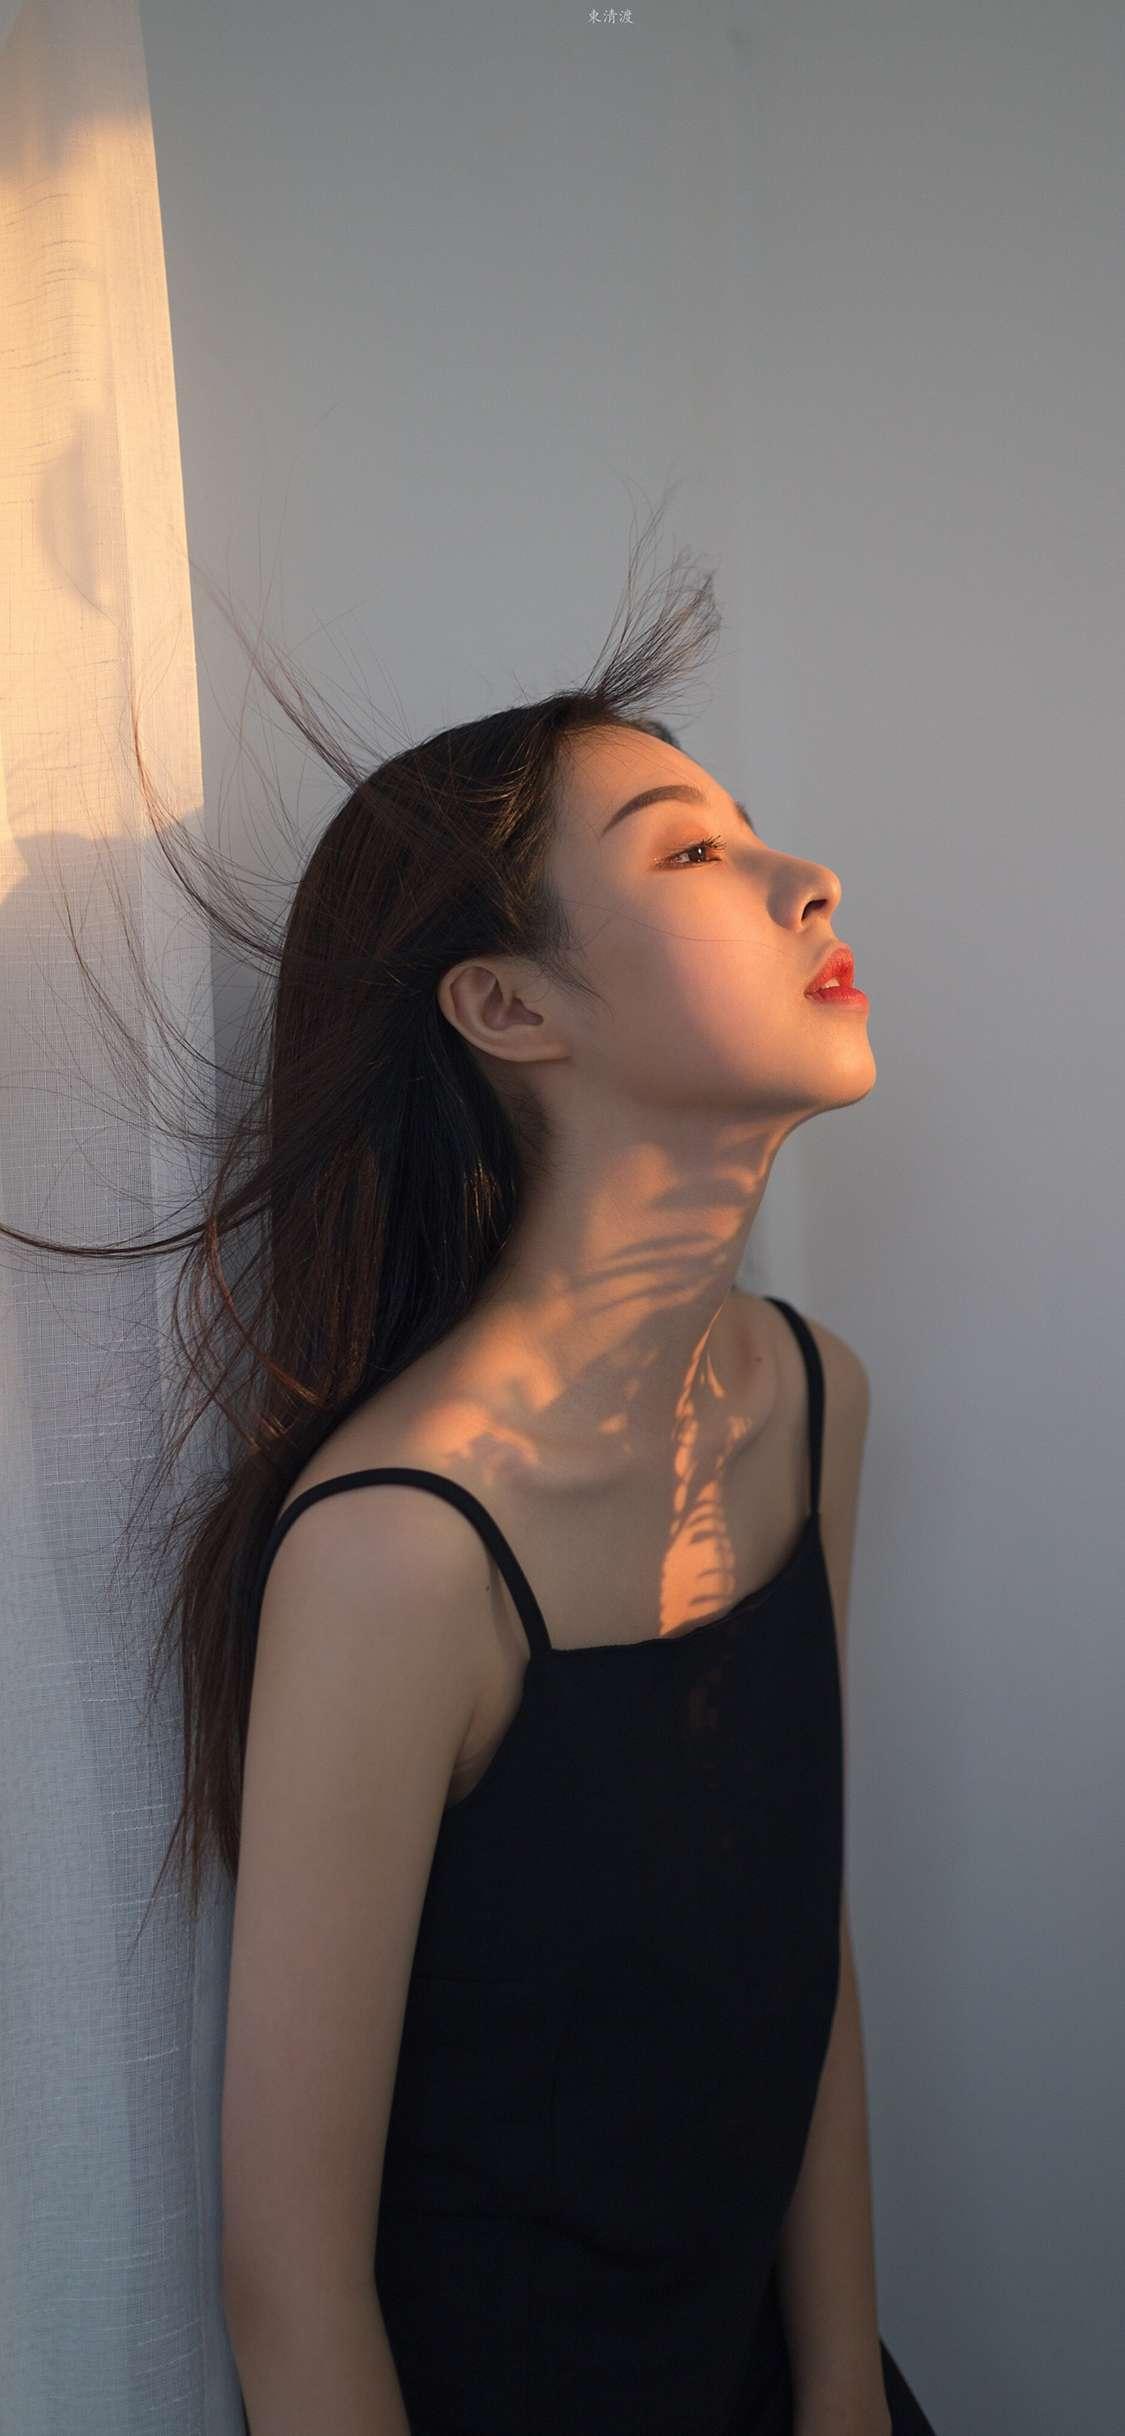 人的身体图_有什么好看的女图或者部位图全屏壁纸? - 知乎